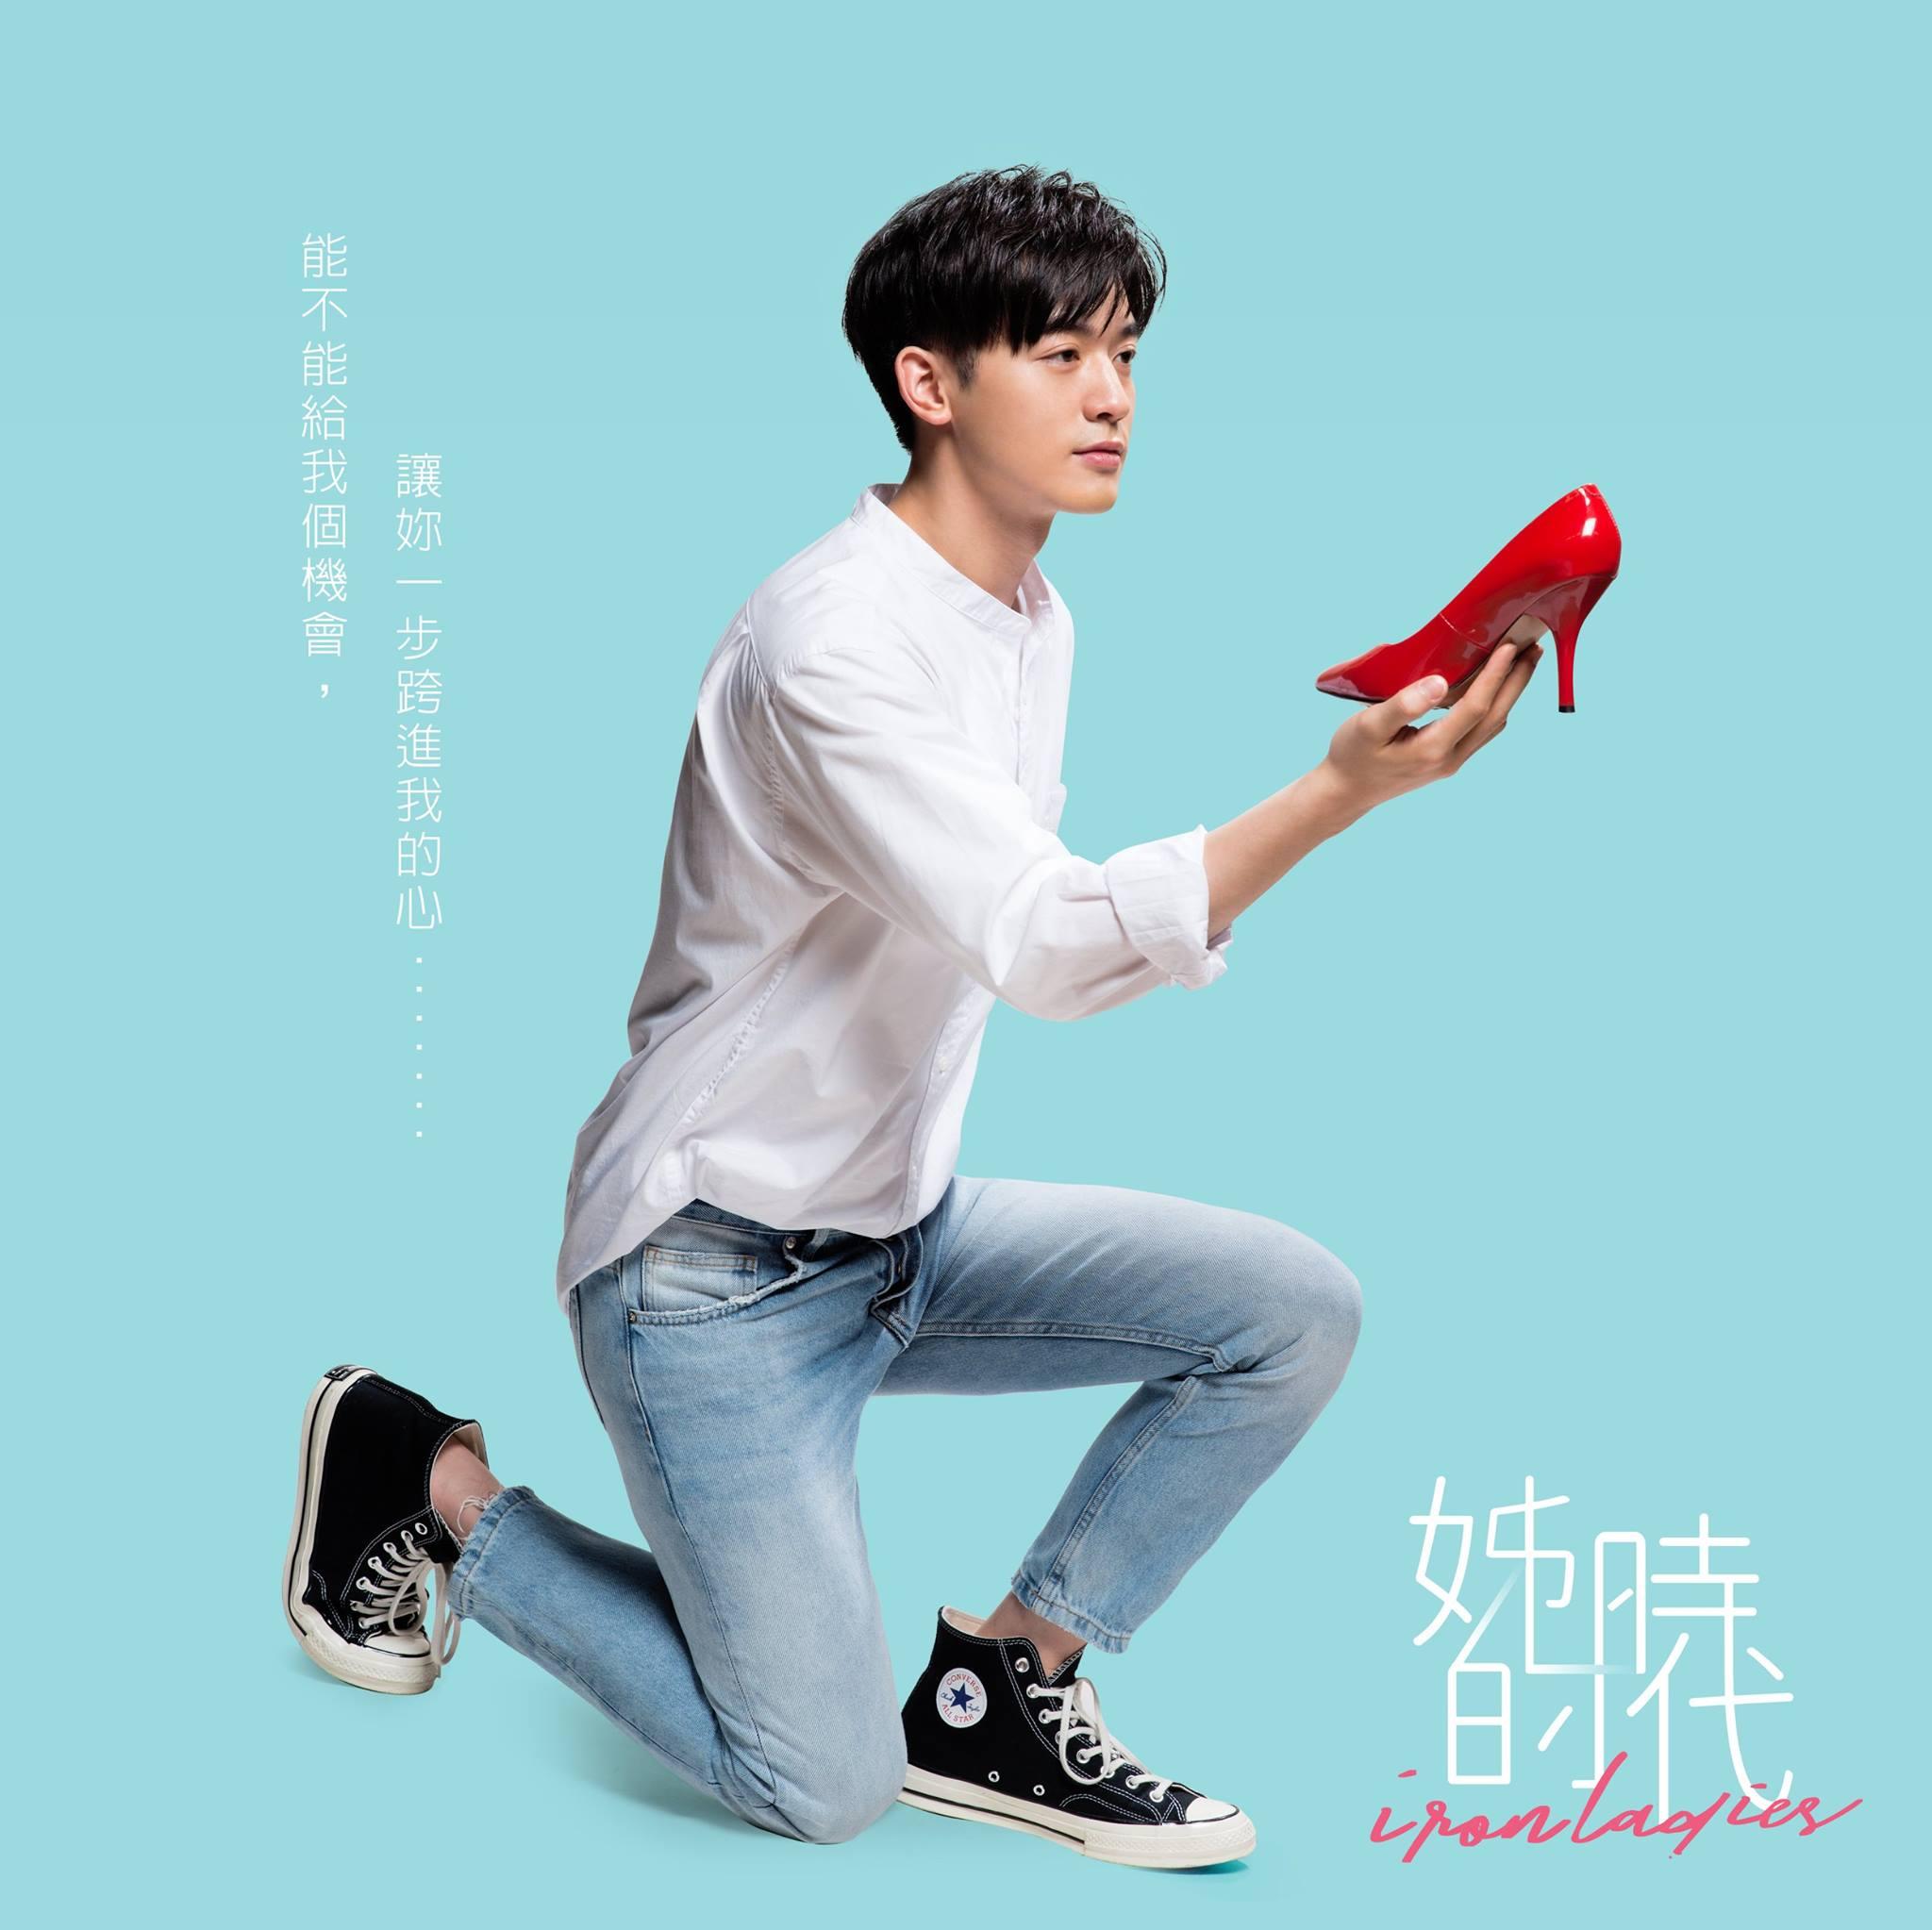 دانلود سریال تایوانی بانوان آهنی Iron Ladies 2018